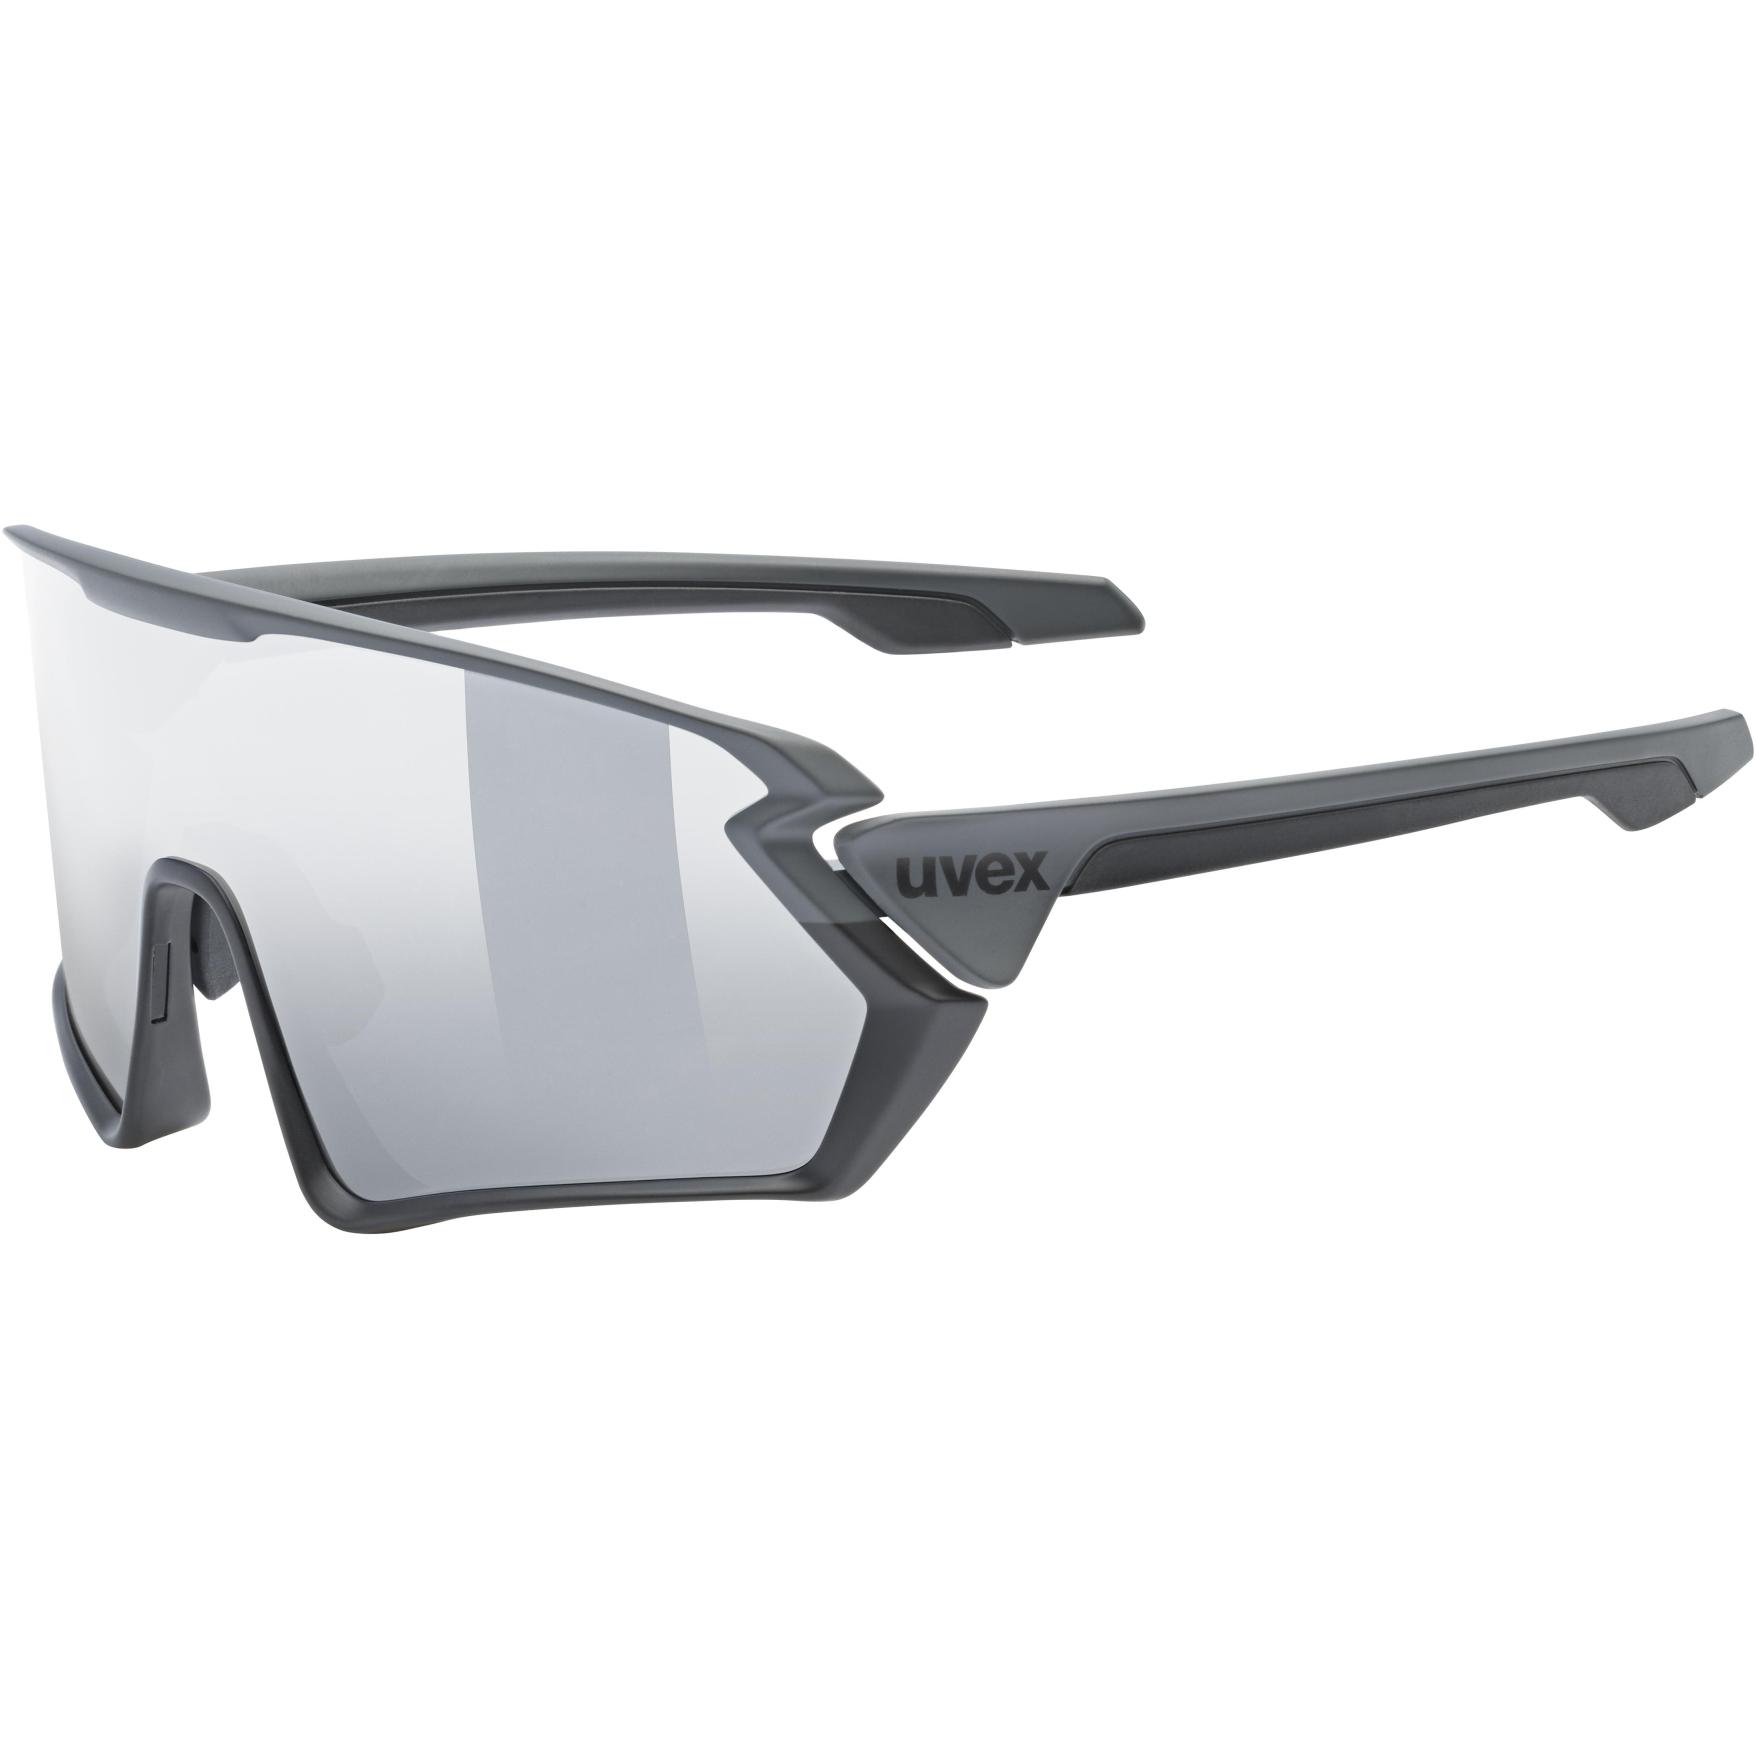 Uvex sportstyle 231 Brille - black-grey mat/mirror silver